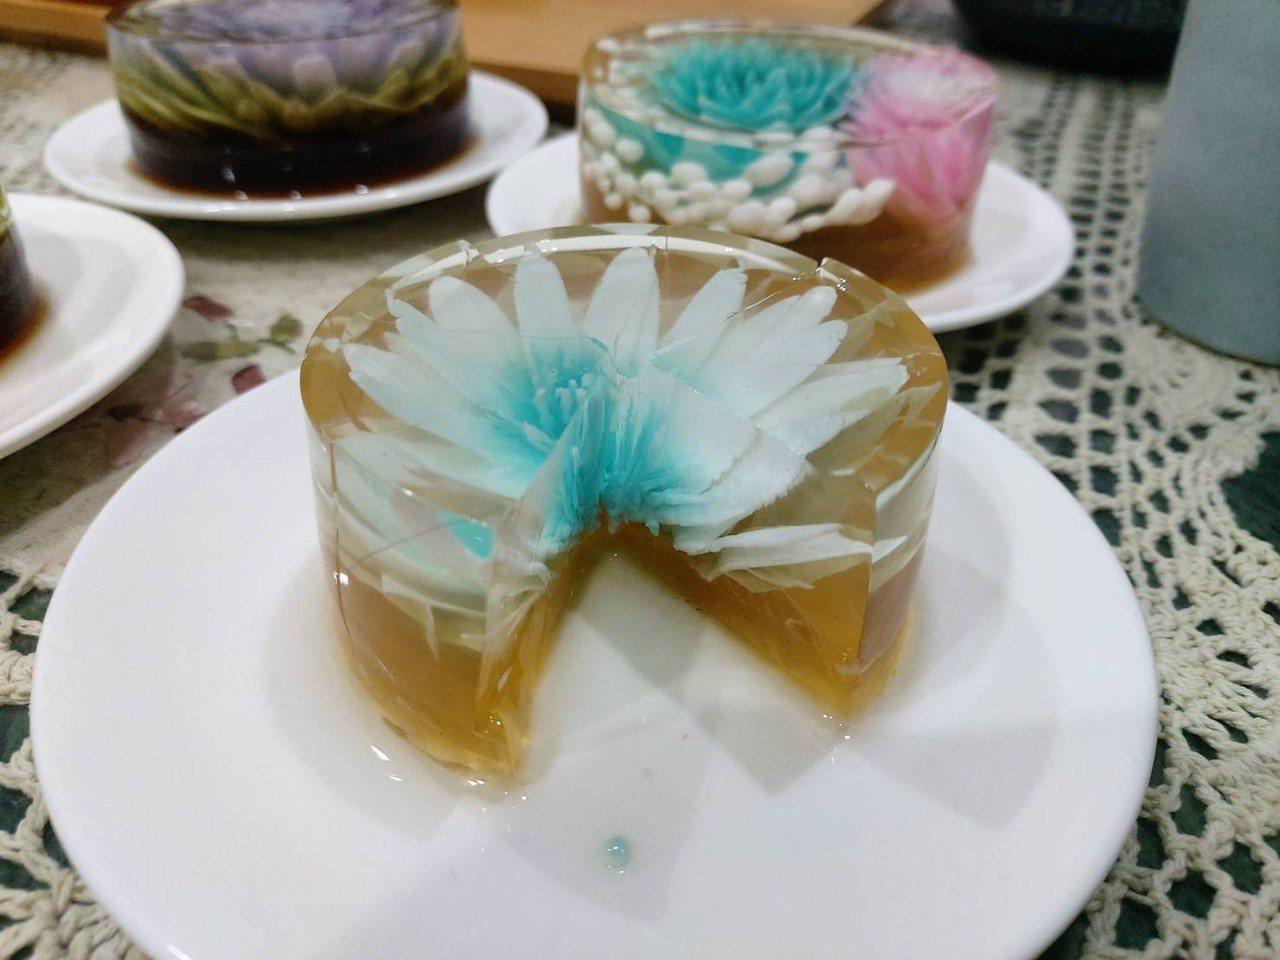 梨山茶農吳權原的茶果凍,顏色和花形漂亮,切割也有層次感。圖/茶農吳權原提供